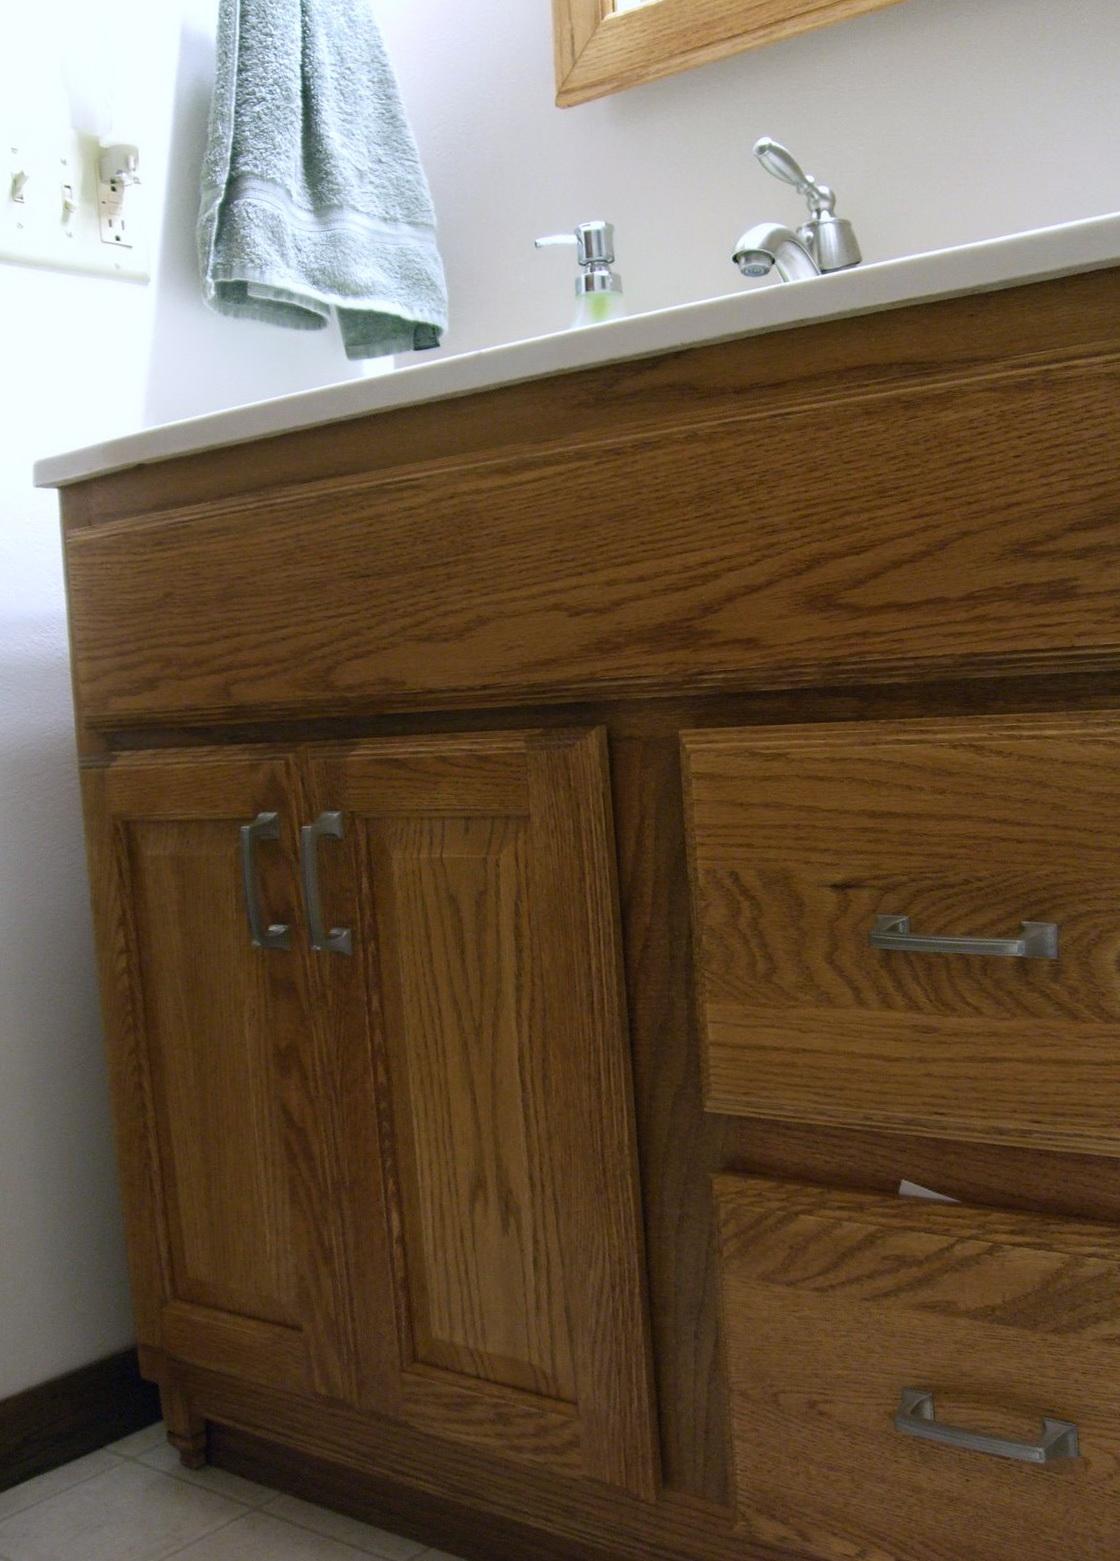 Unfinished Bathroom Vanities Menards Home Design Ideas